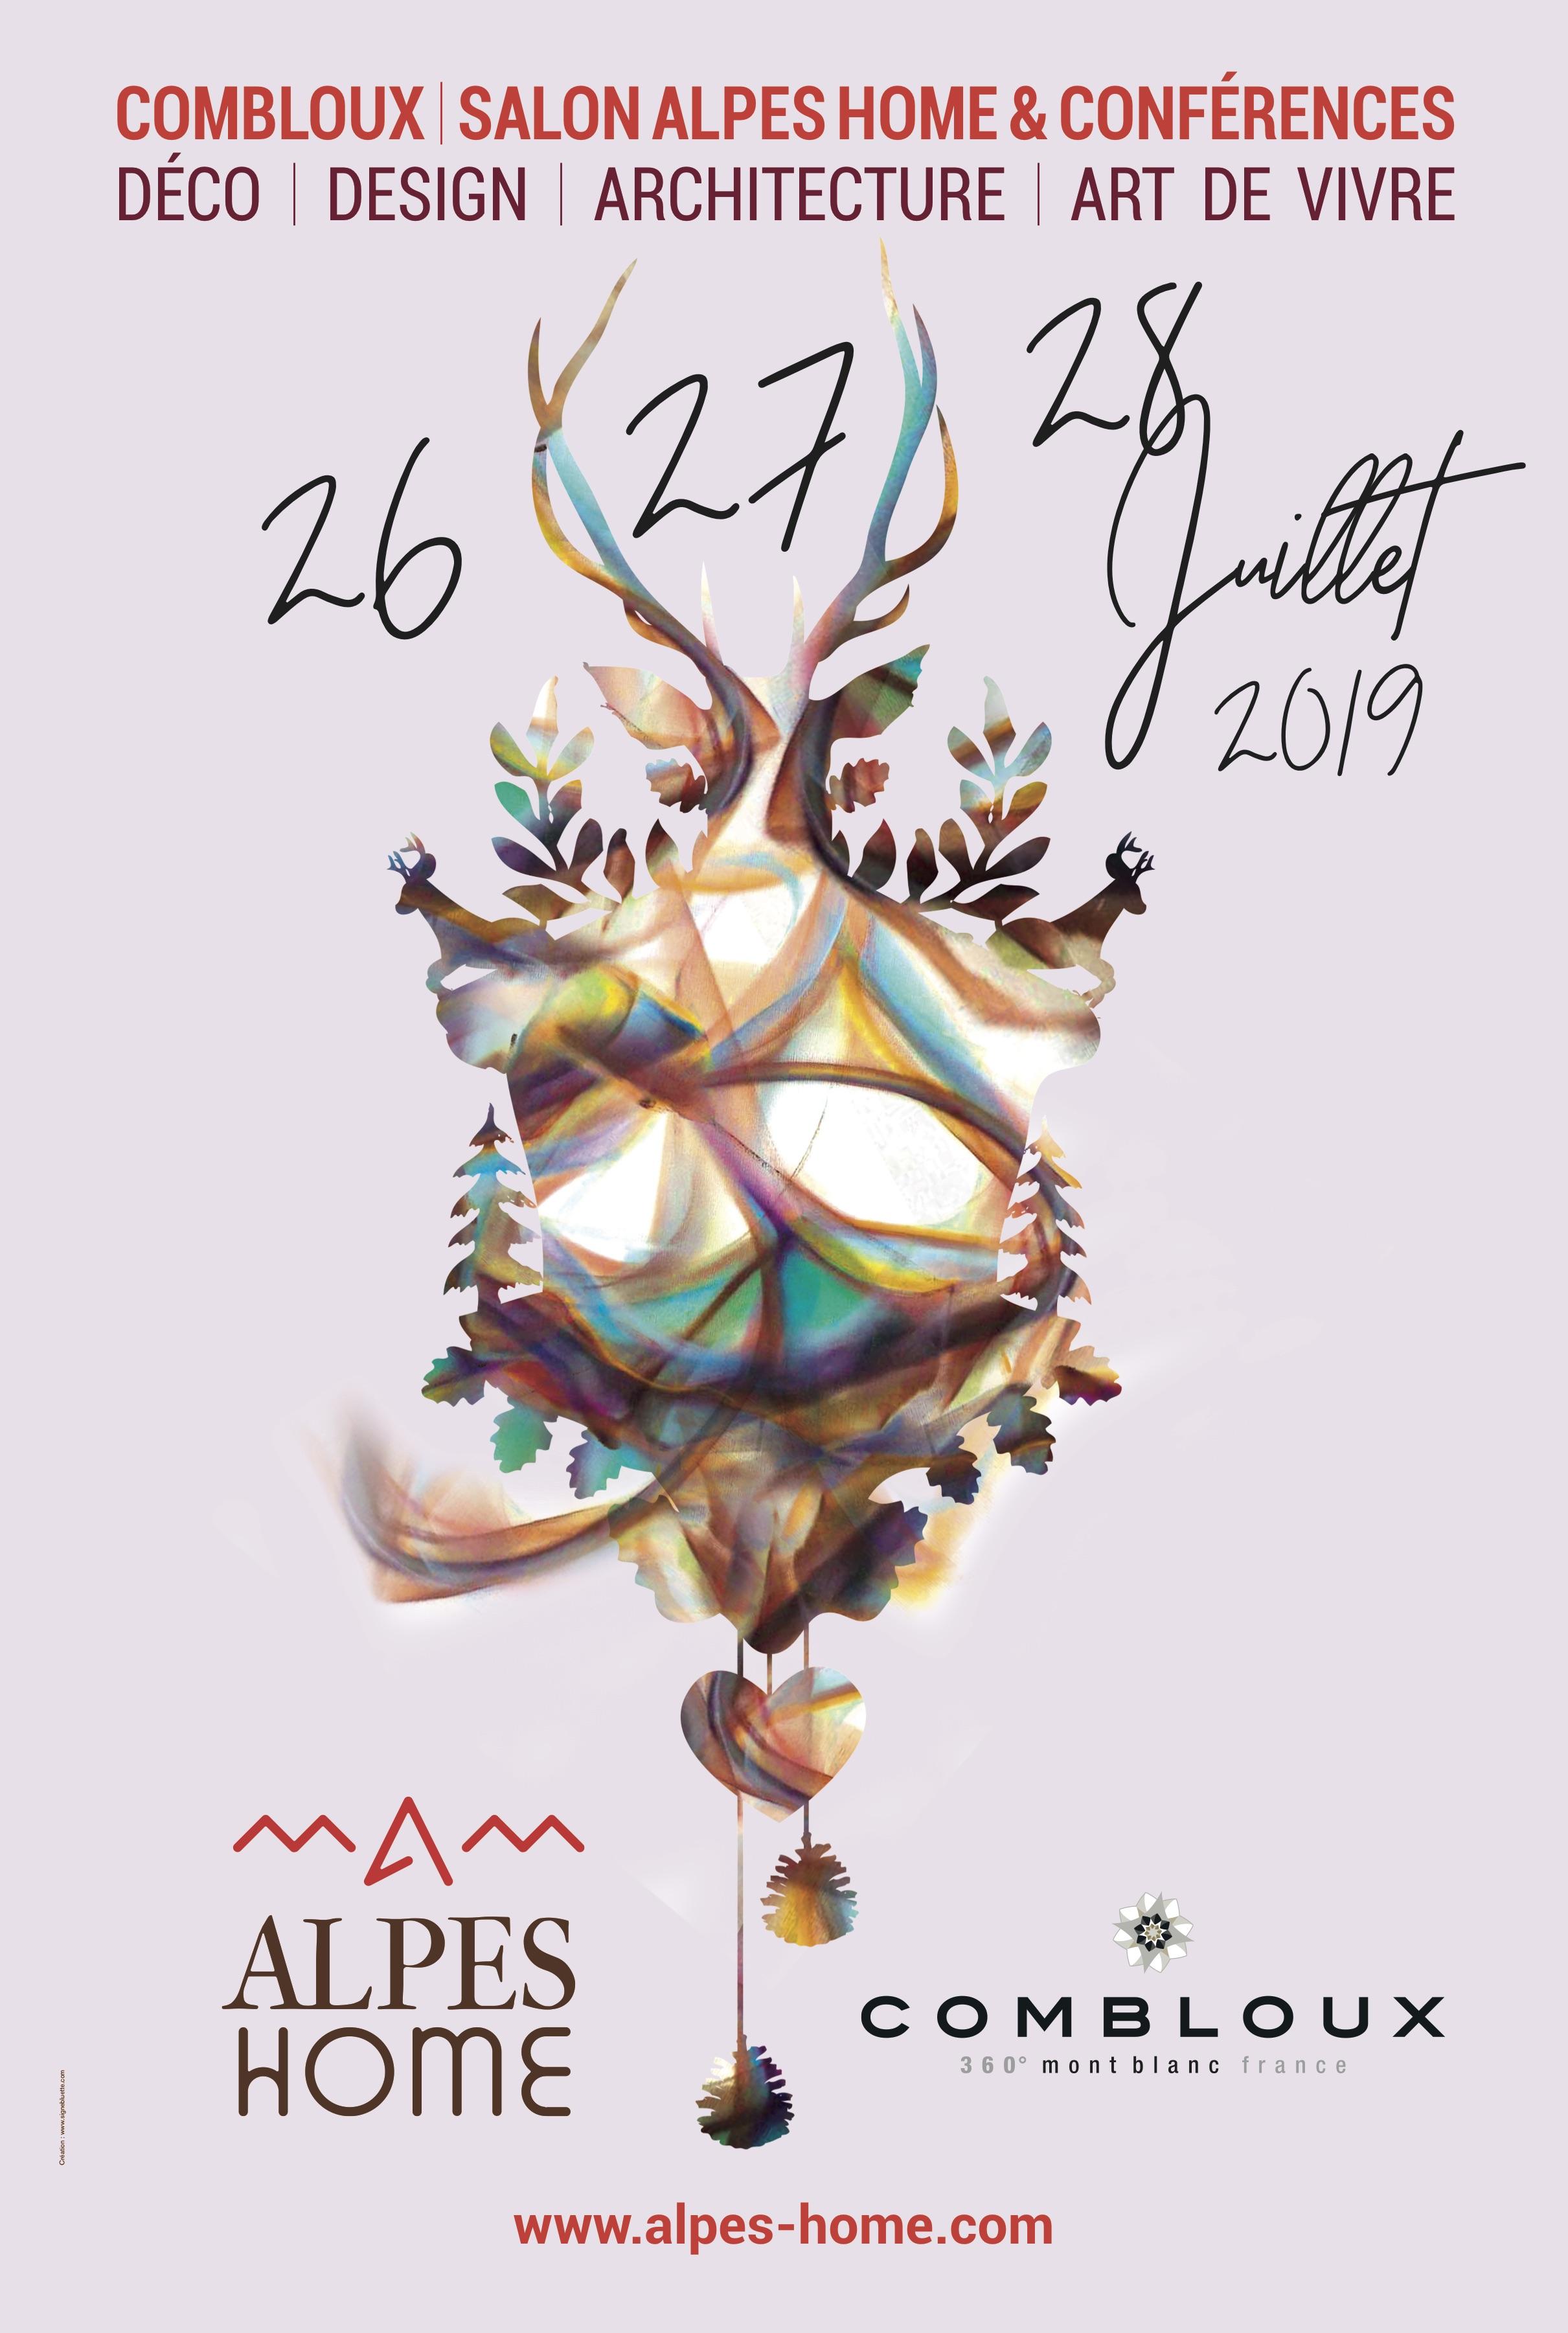 Alpes_Home_Combloux_2019-Affiche